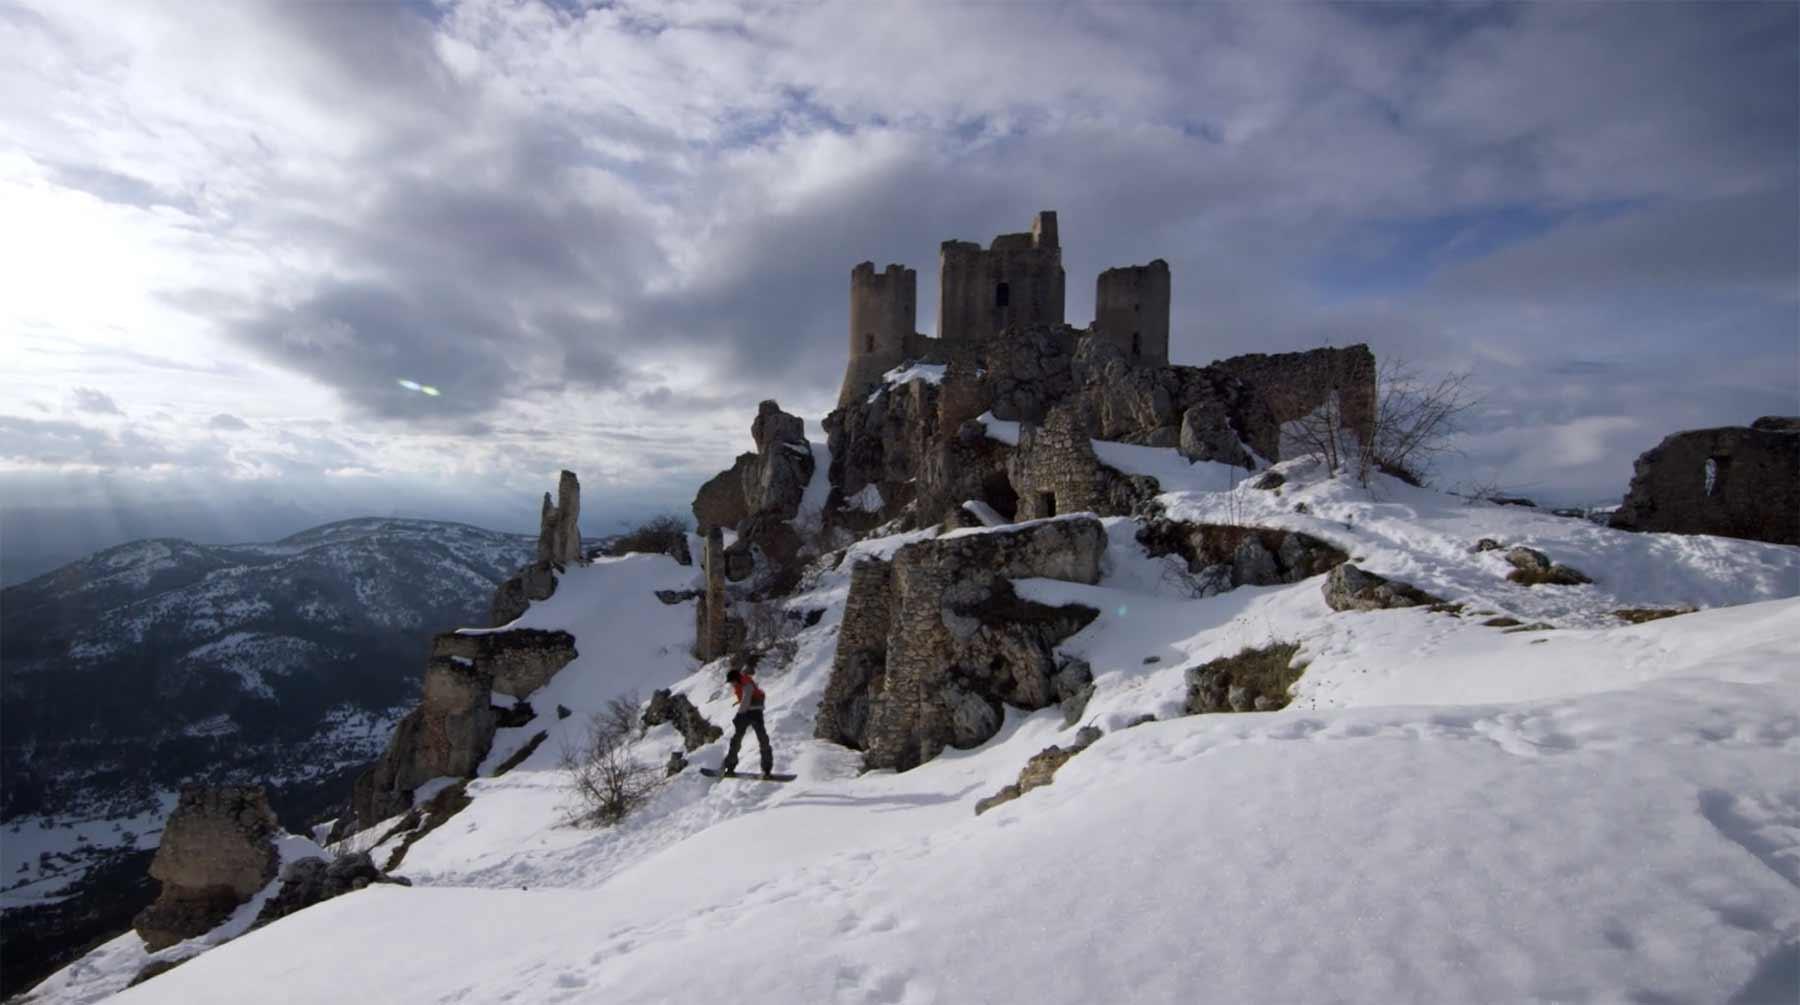 Durch verschneite Ruinen Snowboarden